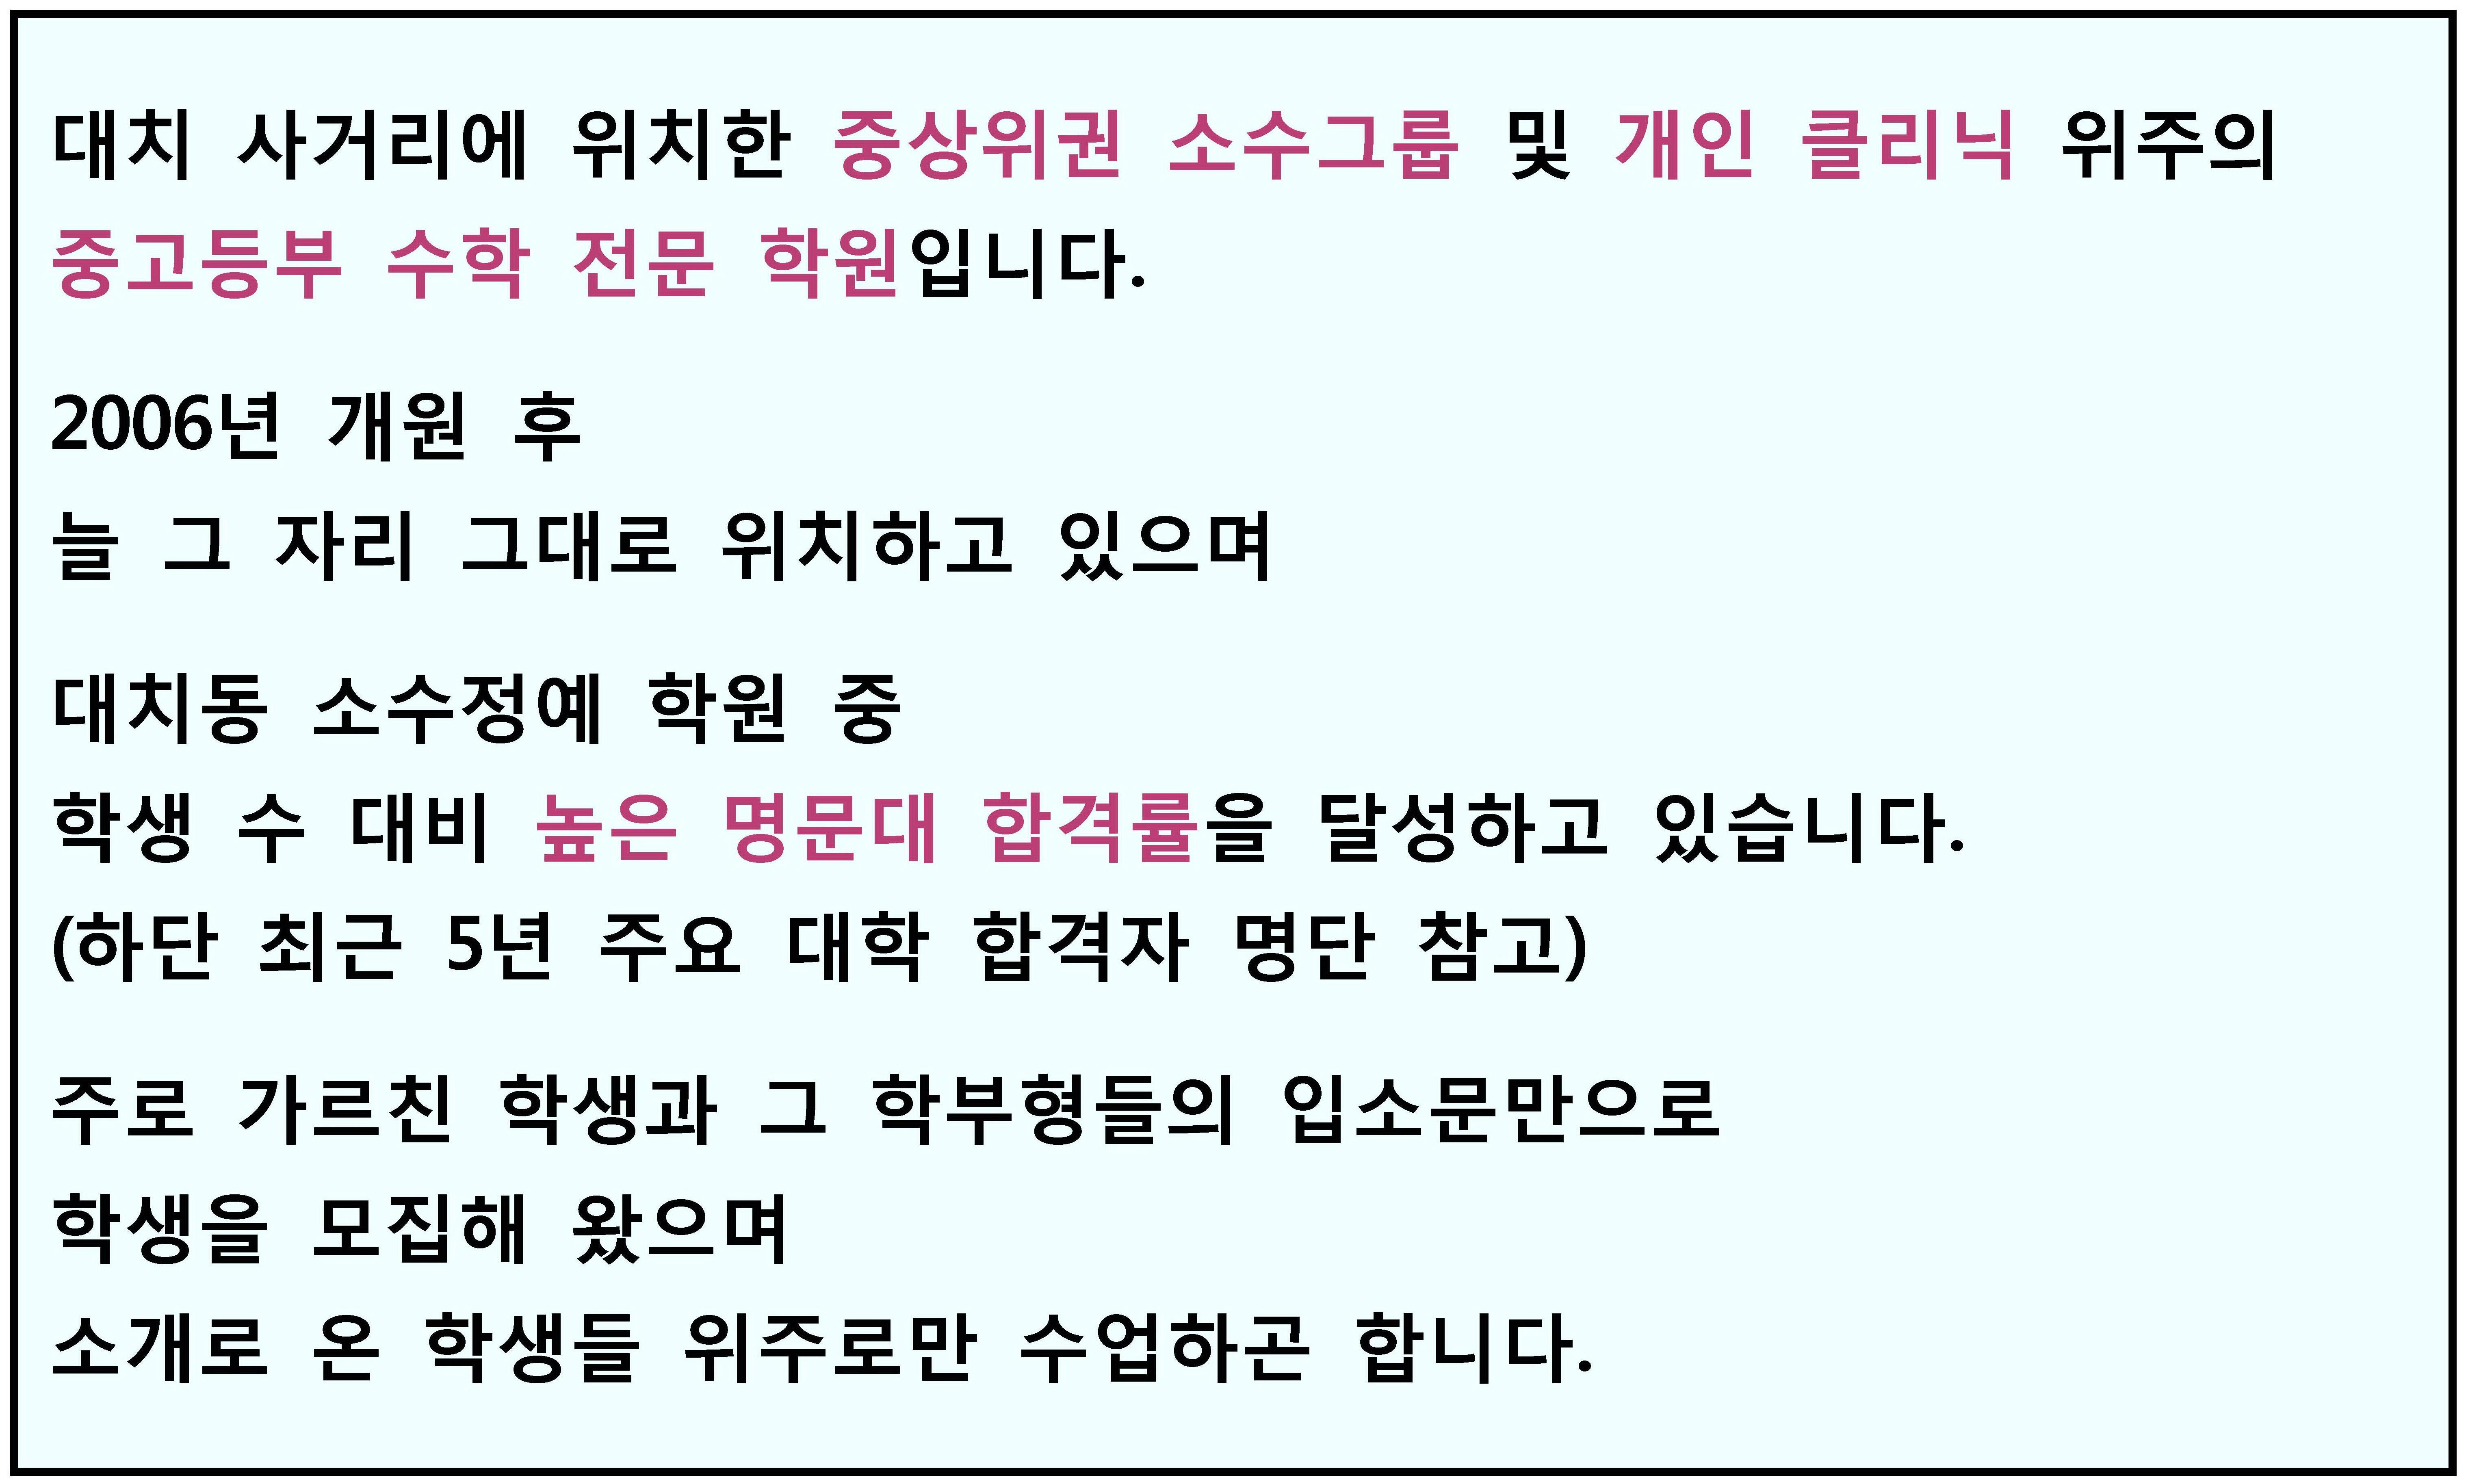 02_박현수학 소개.jpg